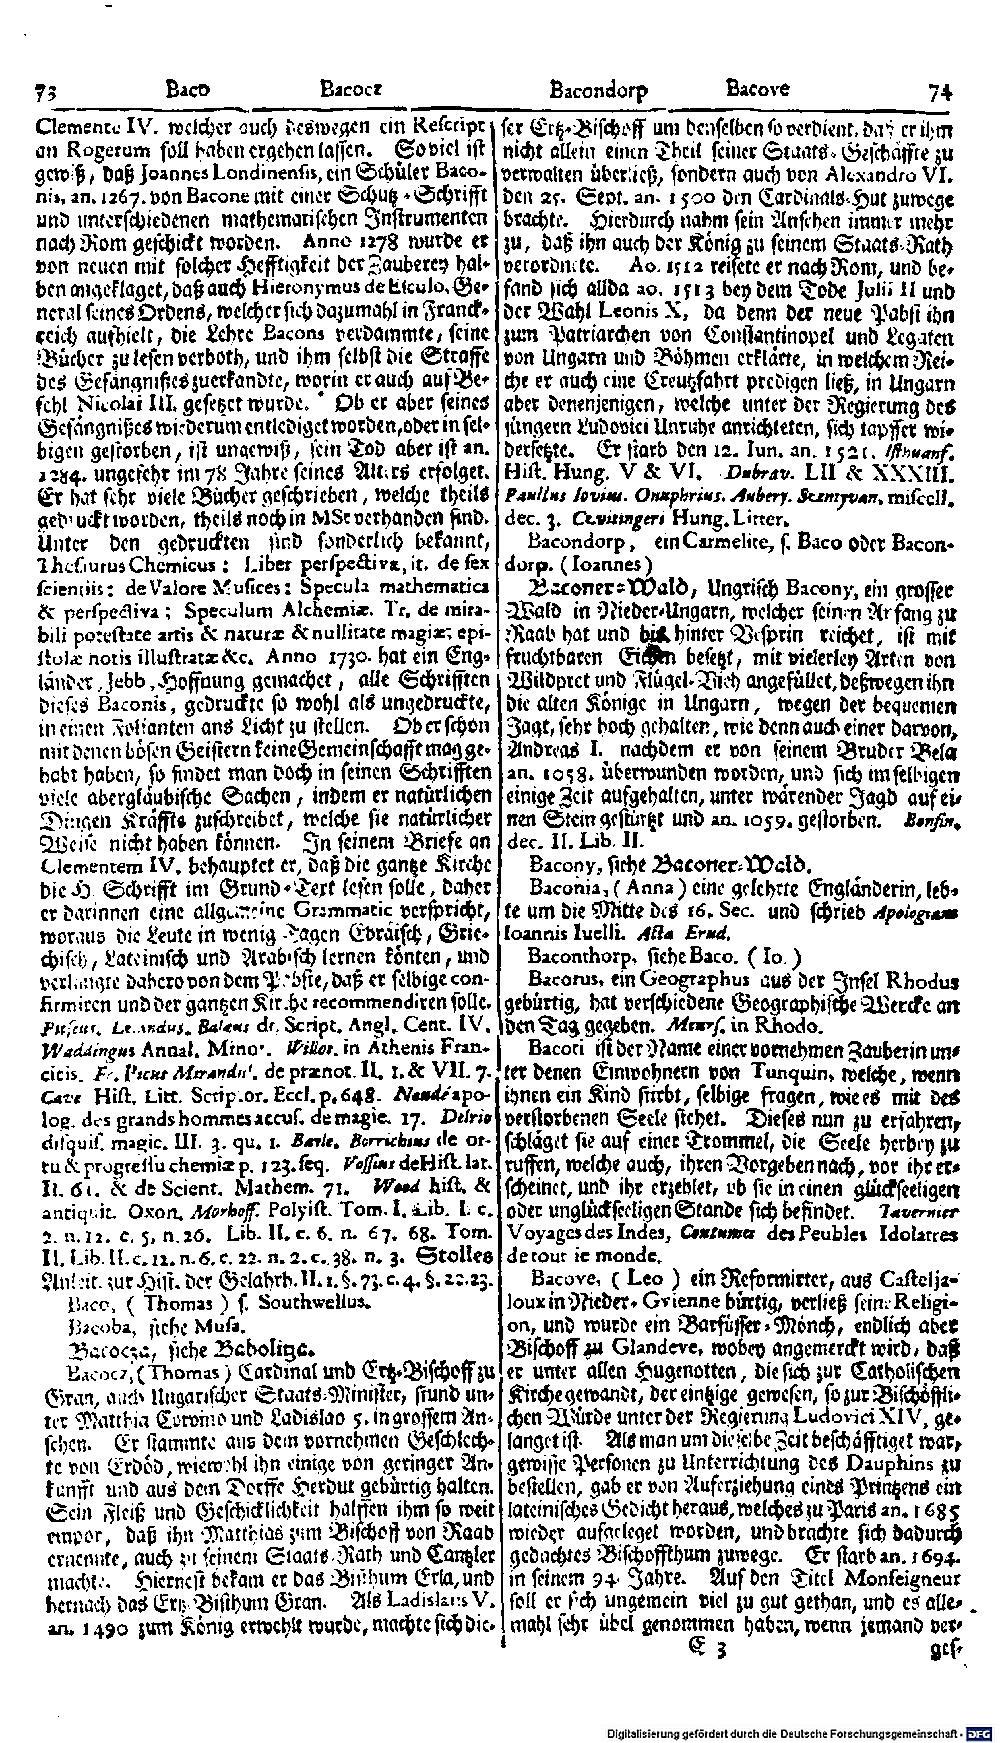 Bd. 03, Seite 0052.